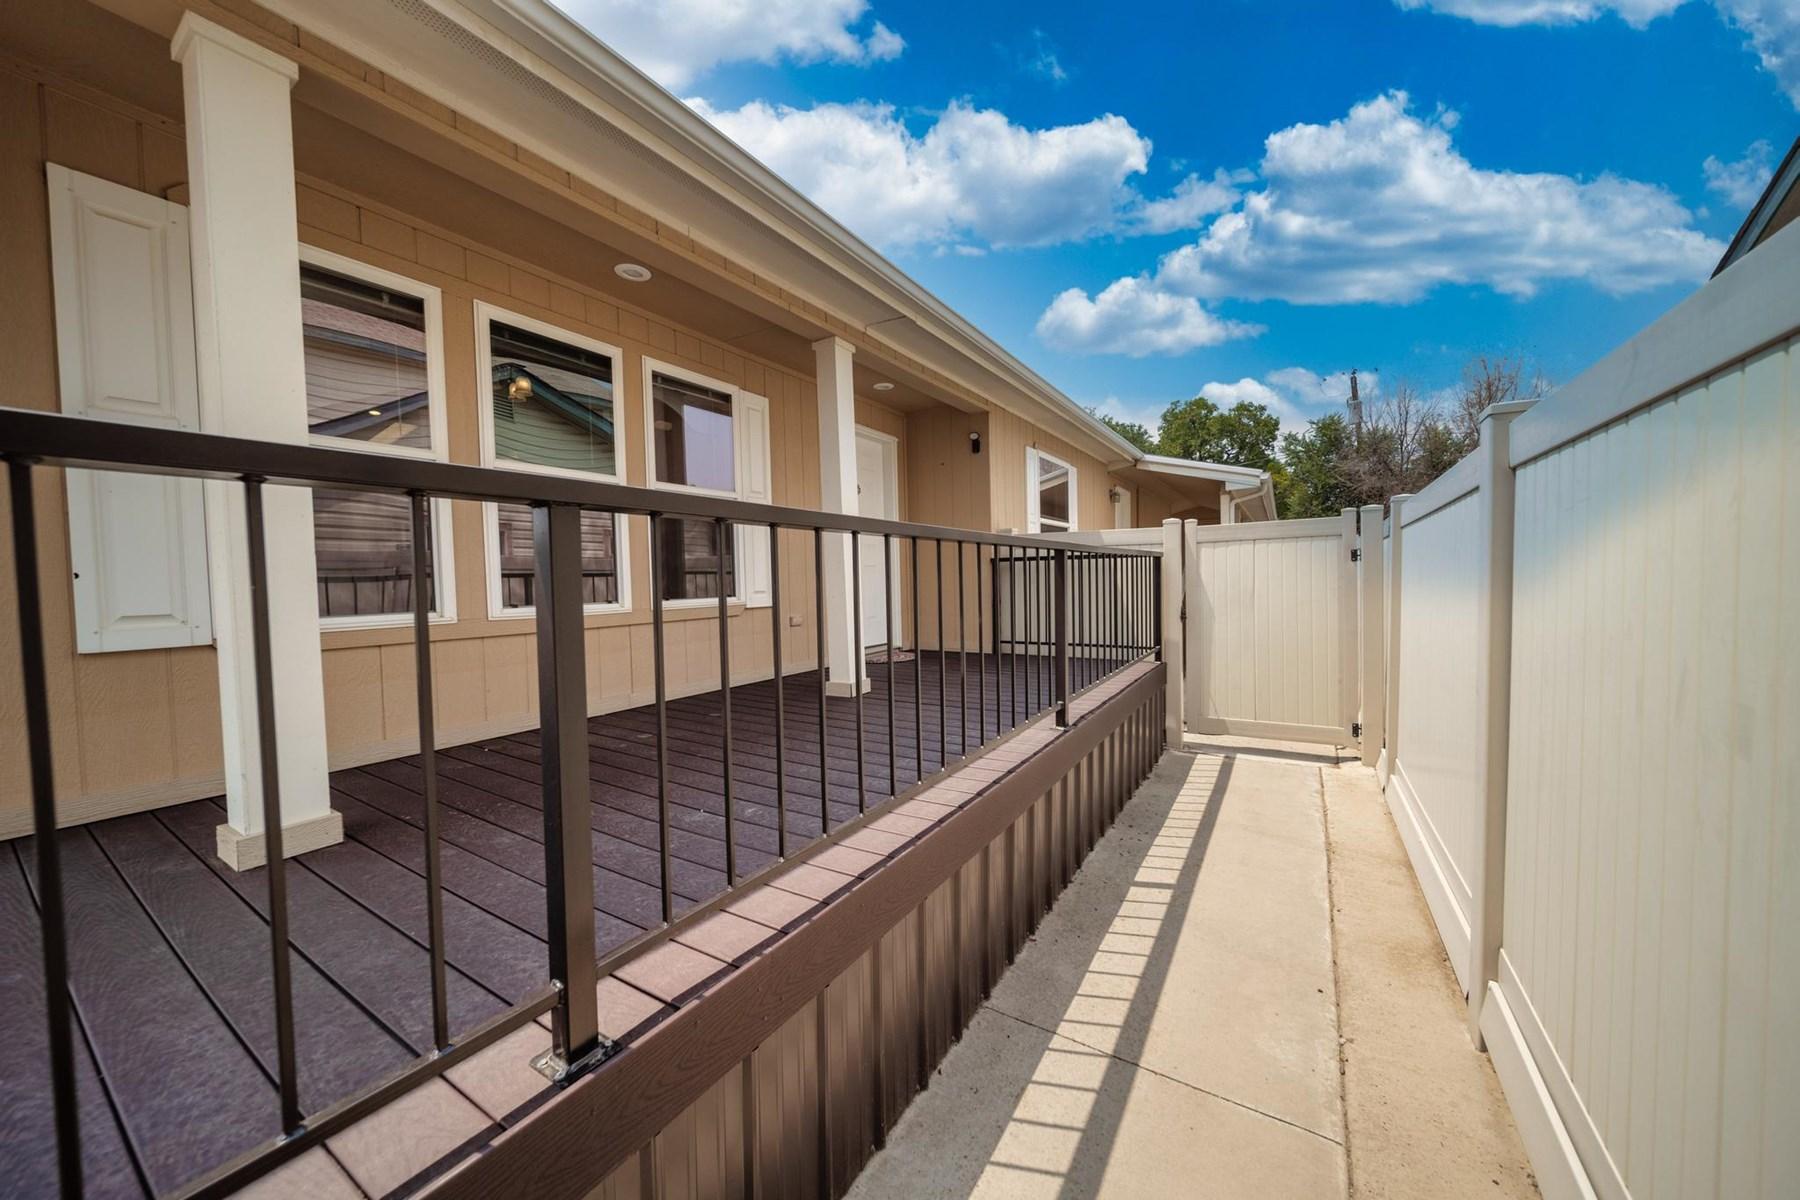 Home for Sale De Beque Colorado